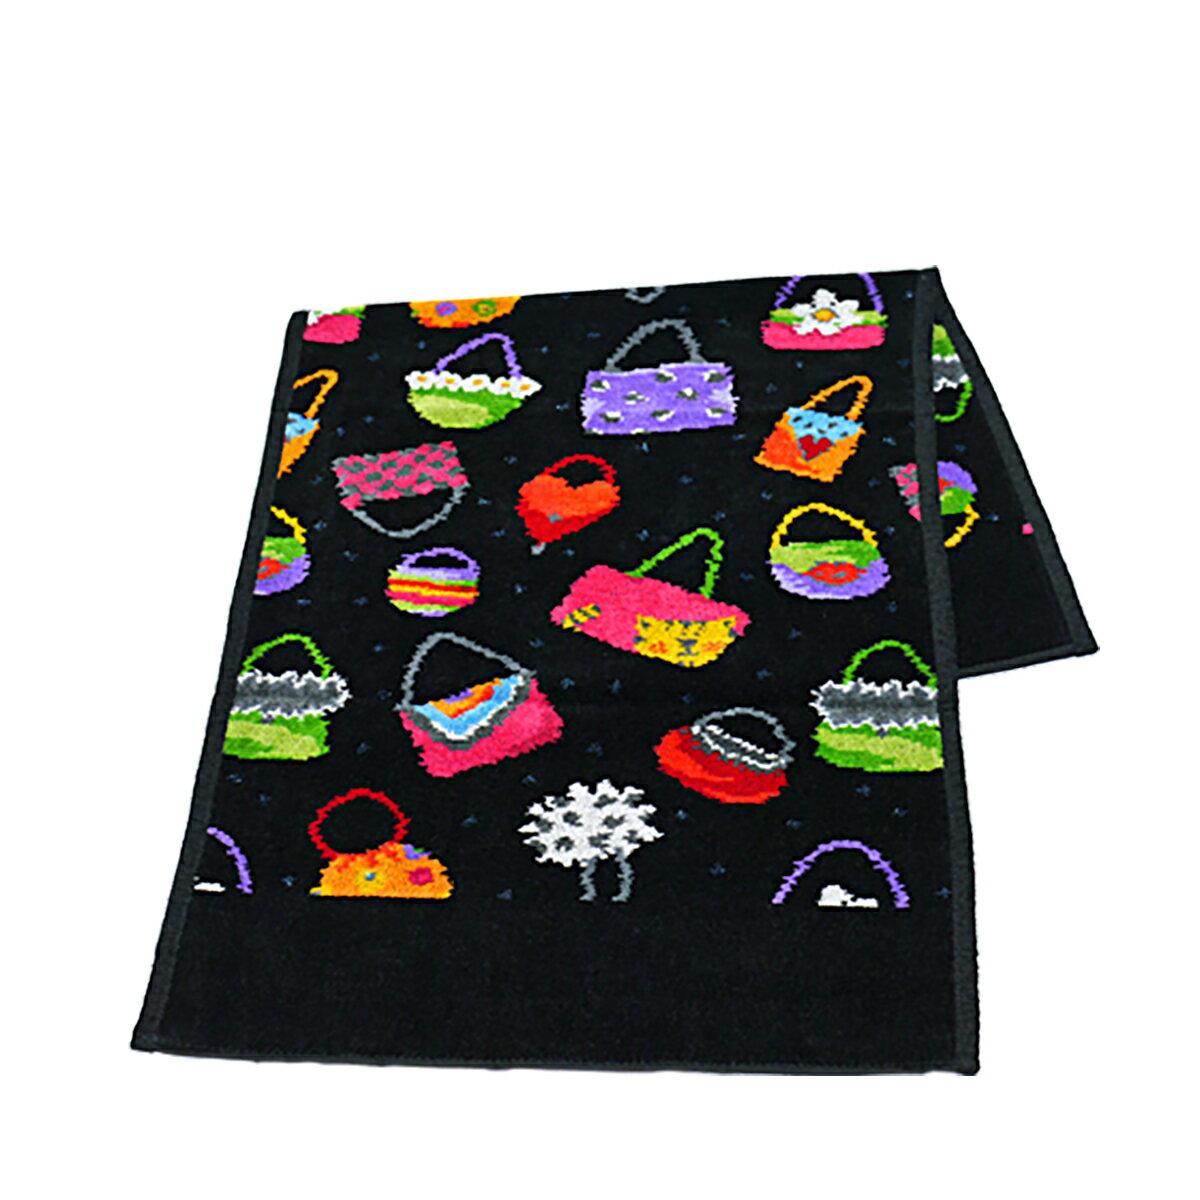 タオル, バスタオル  37cm80cm FEILER FEILER Chenille Guest Towel Crazy Bags